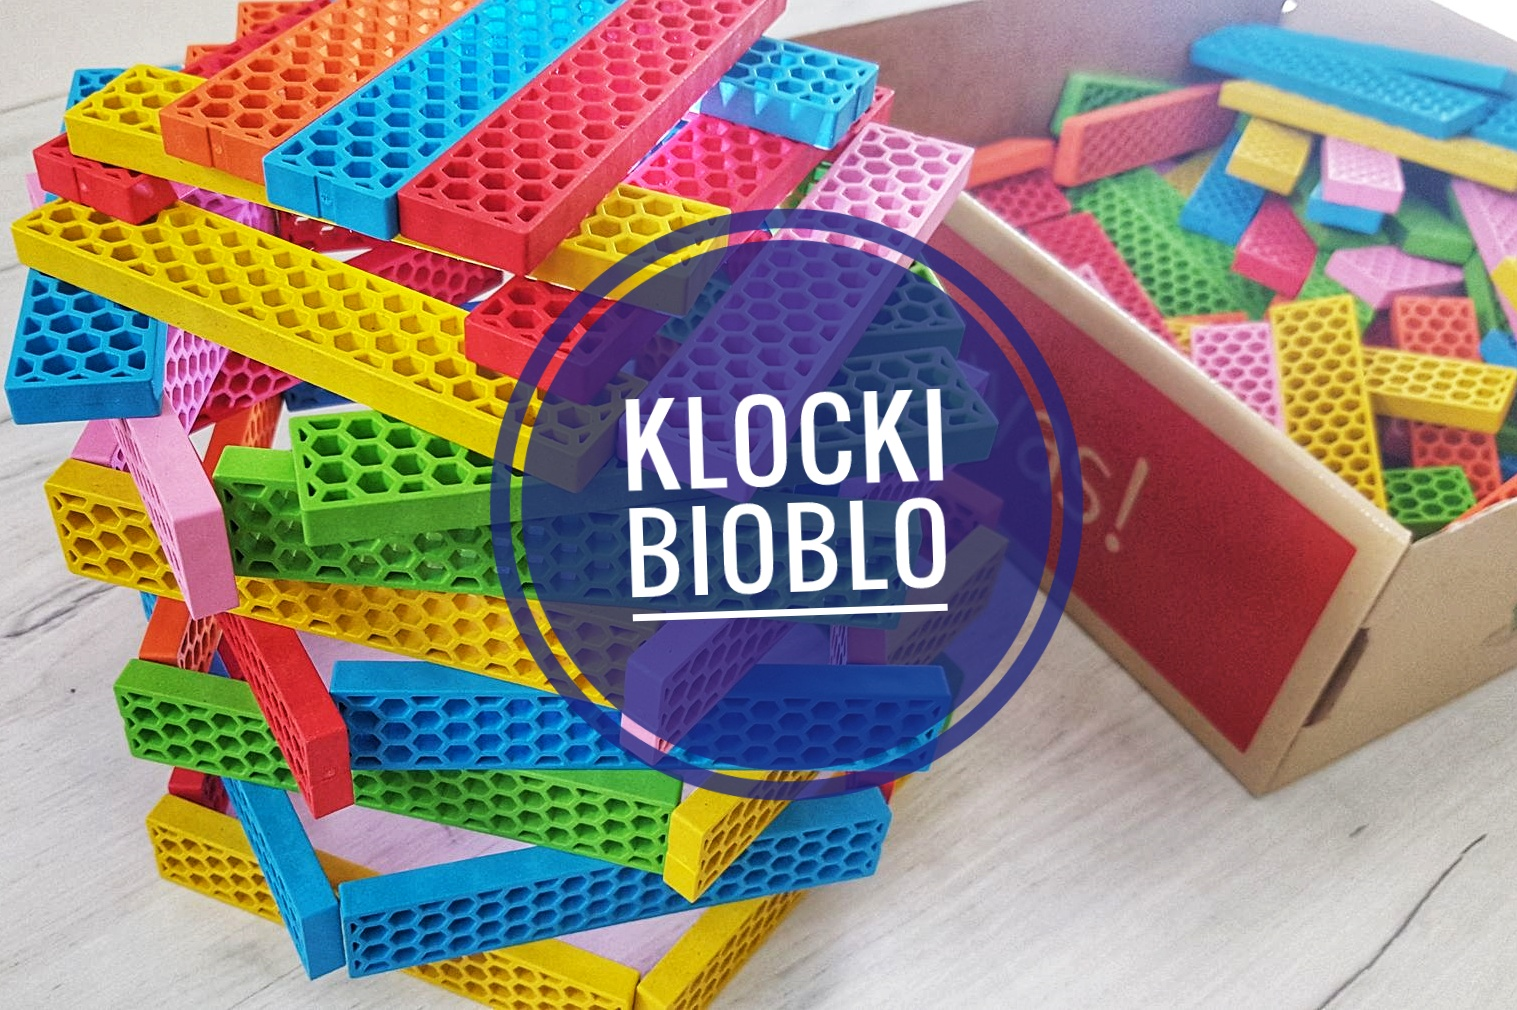 Klocki BioBlo